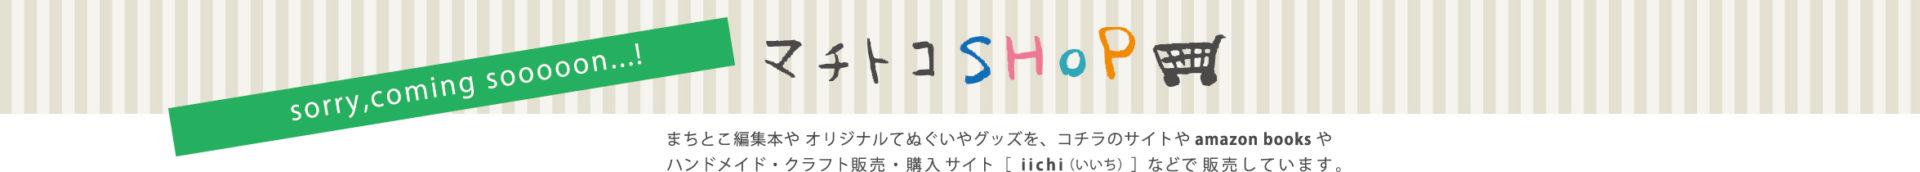 shop_obi_comingsoon